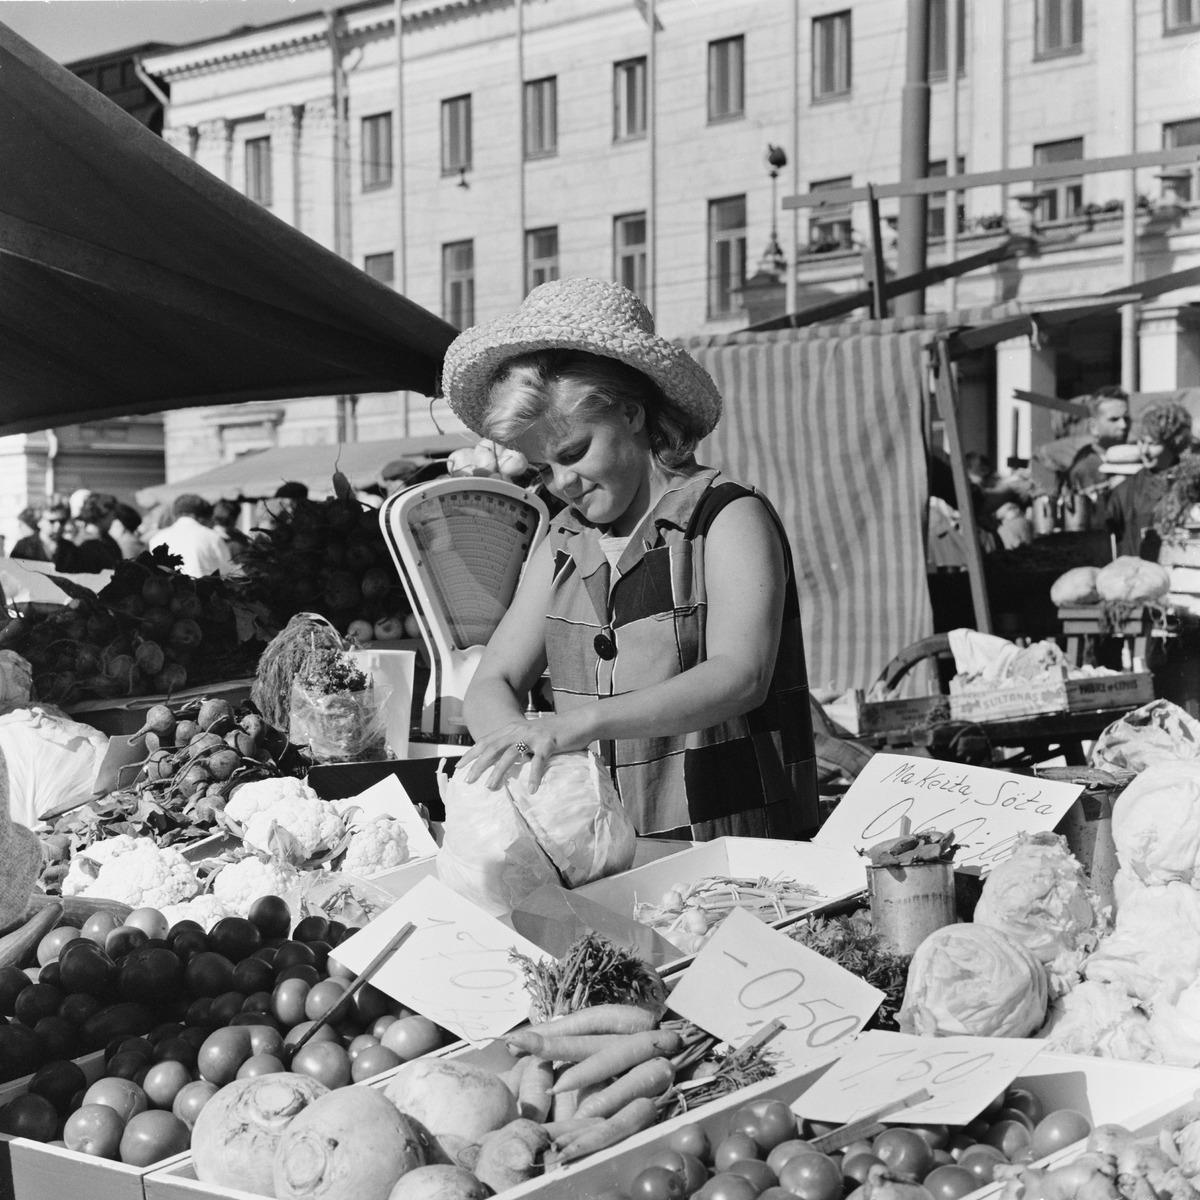 Empaquetando fruta